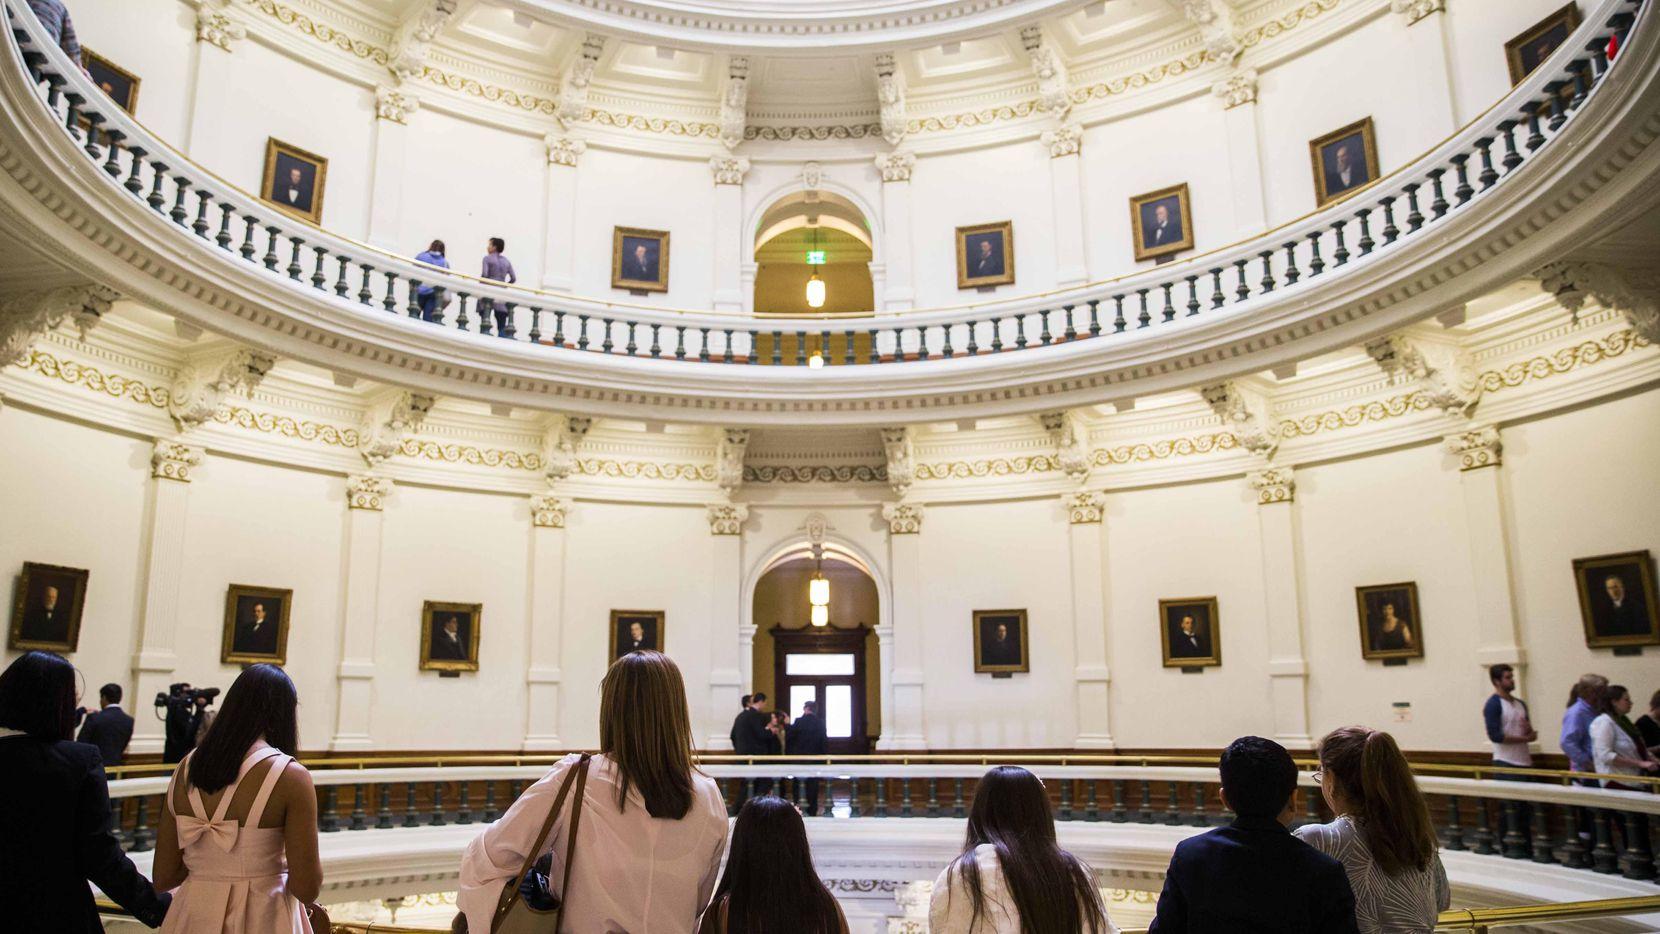 La ley SB4 fue aprobada por un comité y ahora será discutida por el pleno de la Legislatura. (DMN/ASHLEY LANDIS)